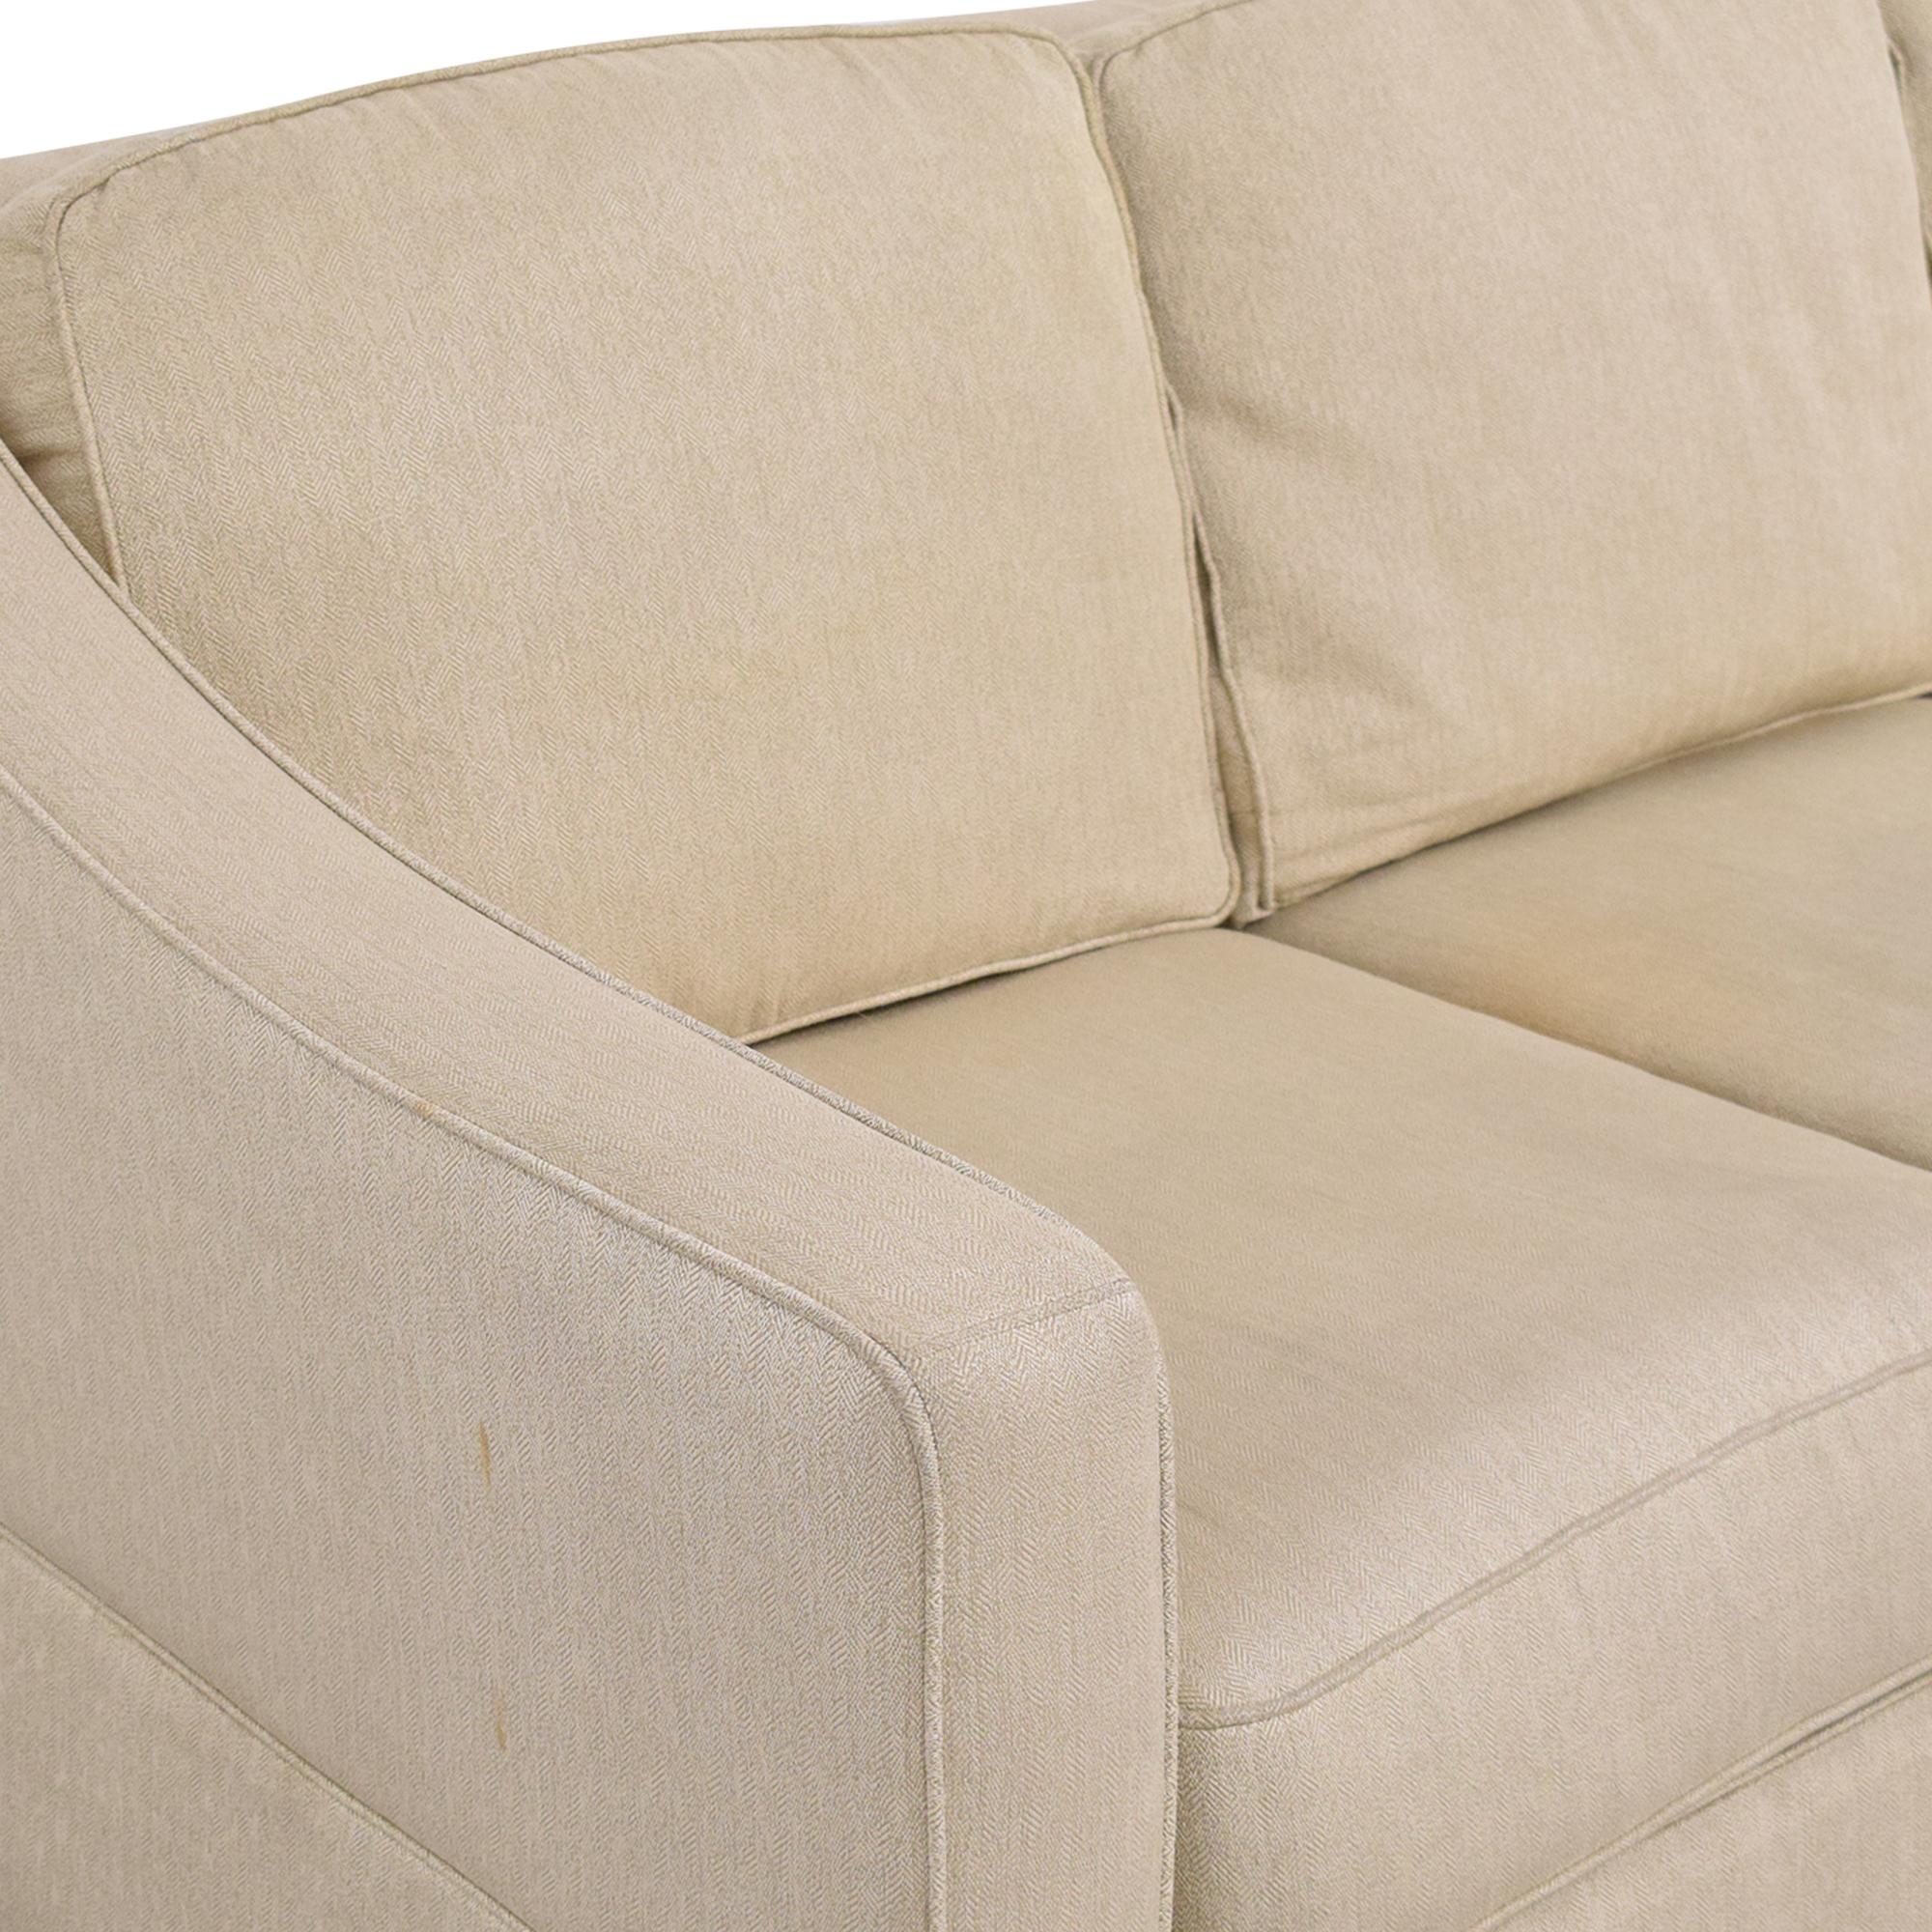 Bauhaus Furniture Bloomingdale's Bauhaus Sloped Arm Sofa ct